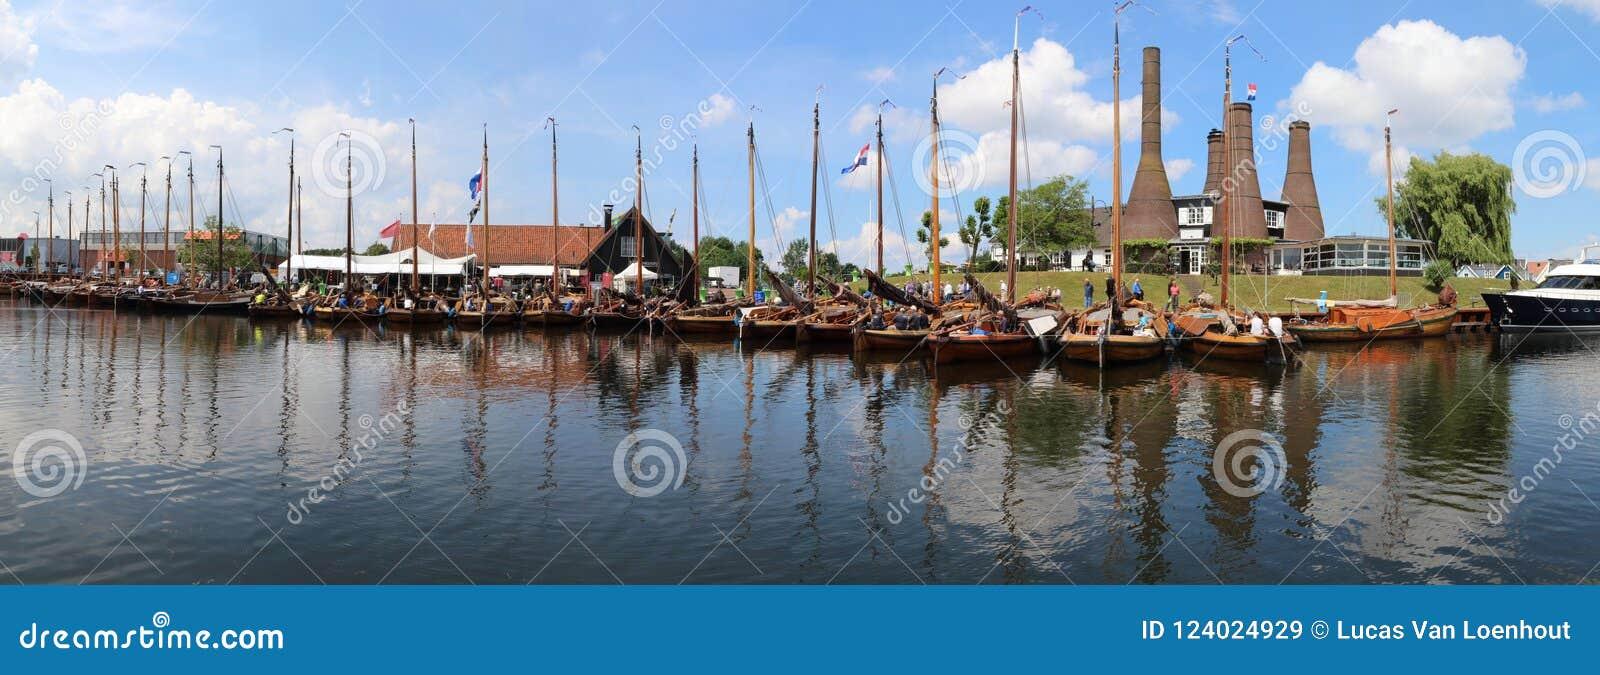 Historische botters in een opstelling in de haven van Huizen